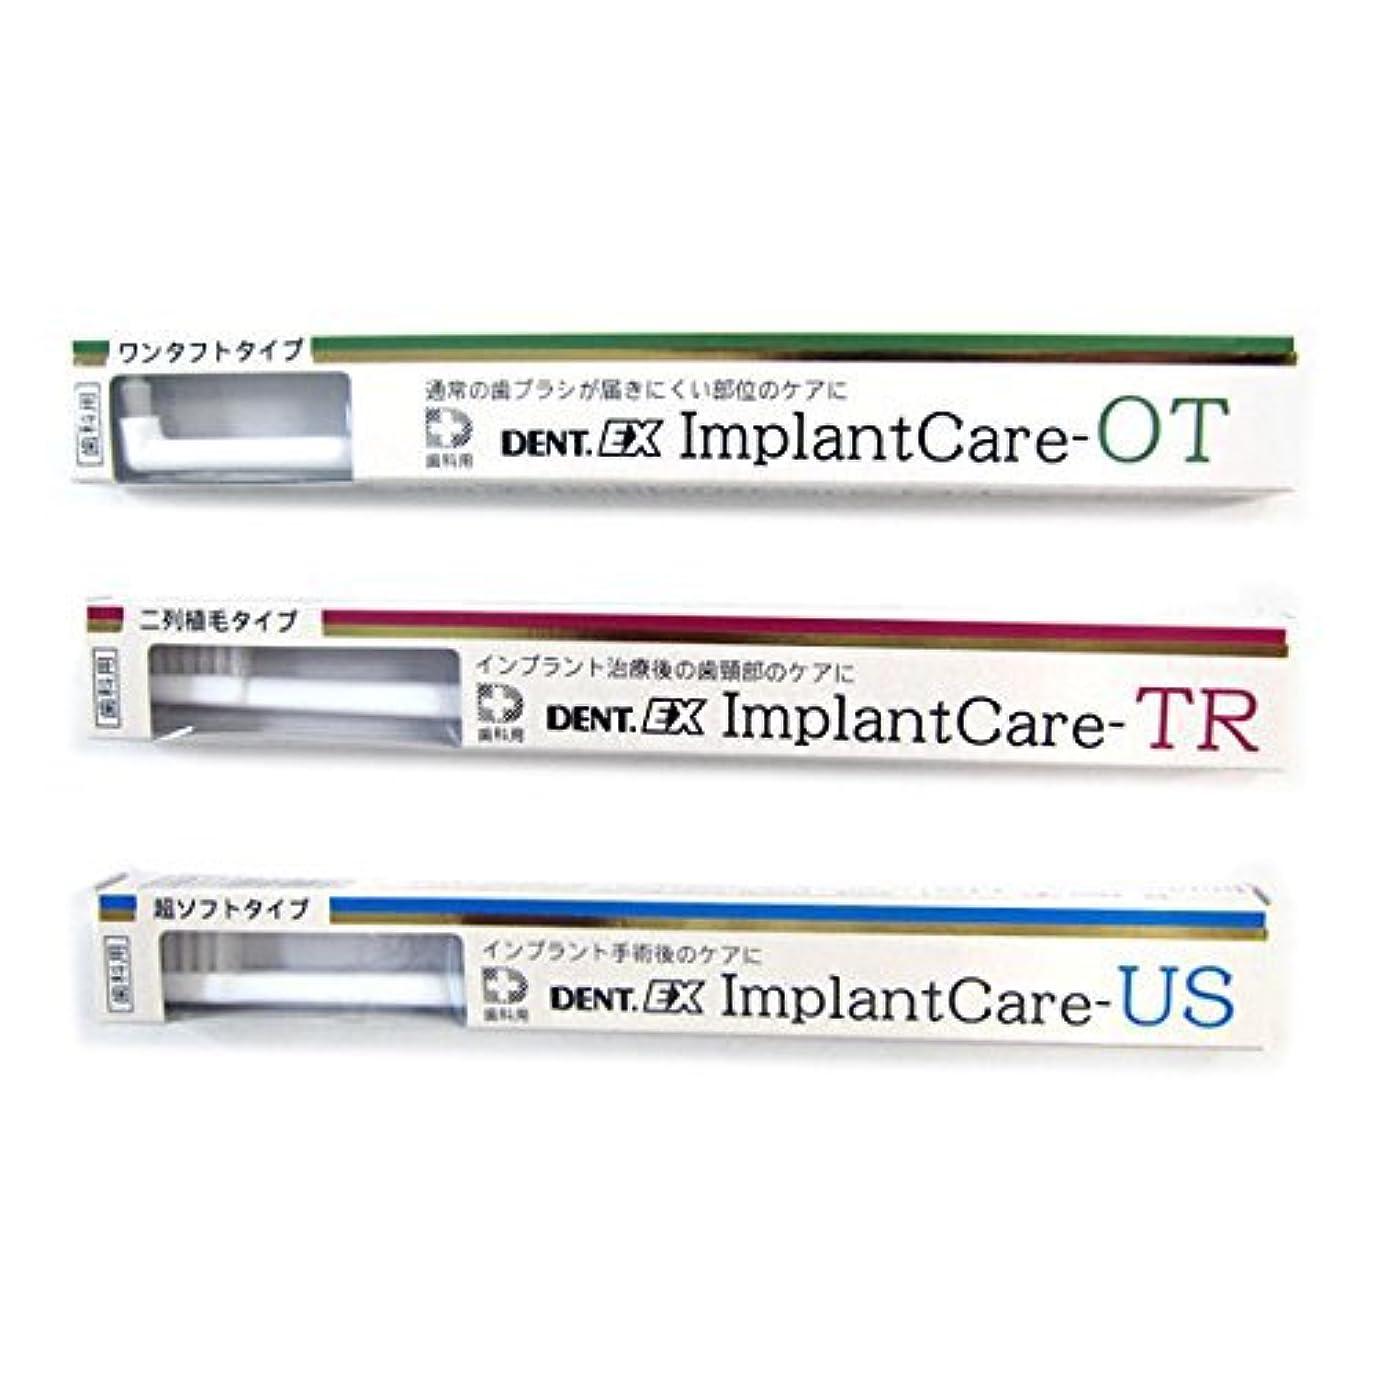 個性むき出し蜂デント DENT EX ImplantCare インプラントケア 単品 TR(二列)